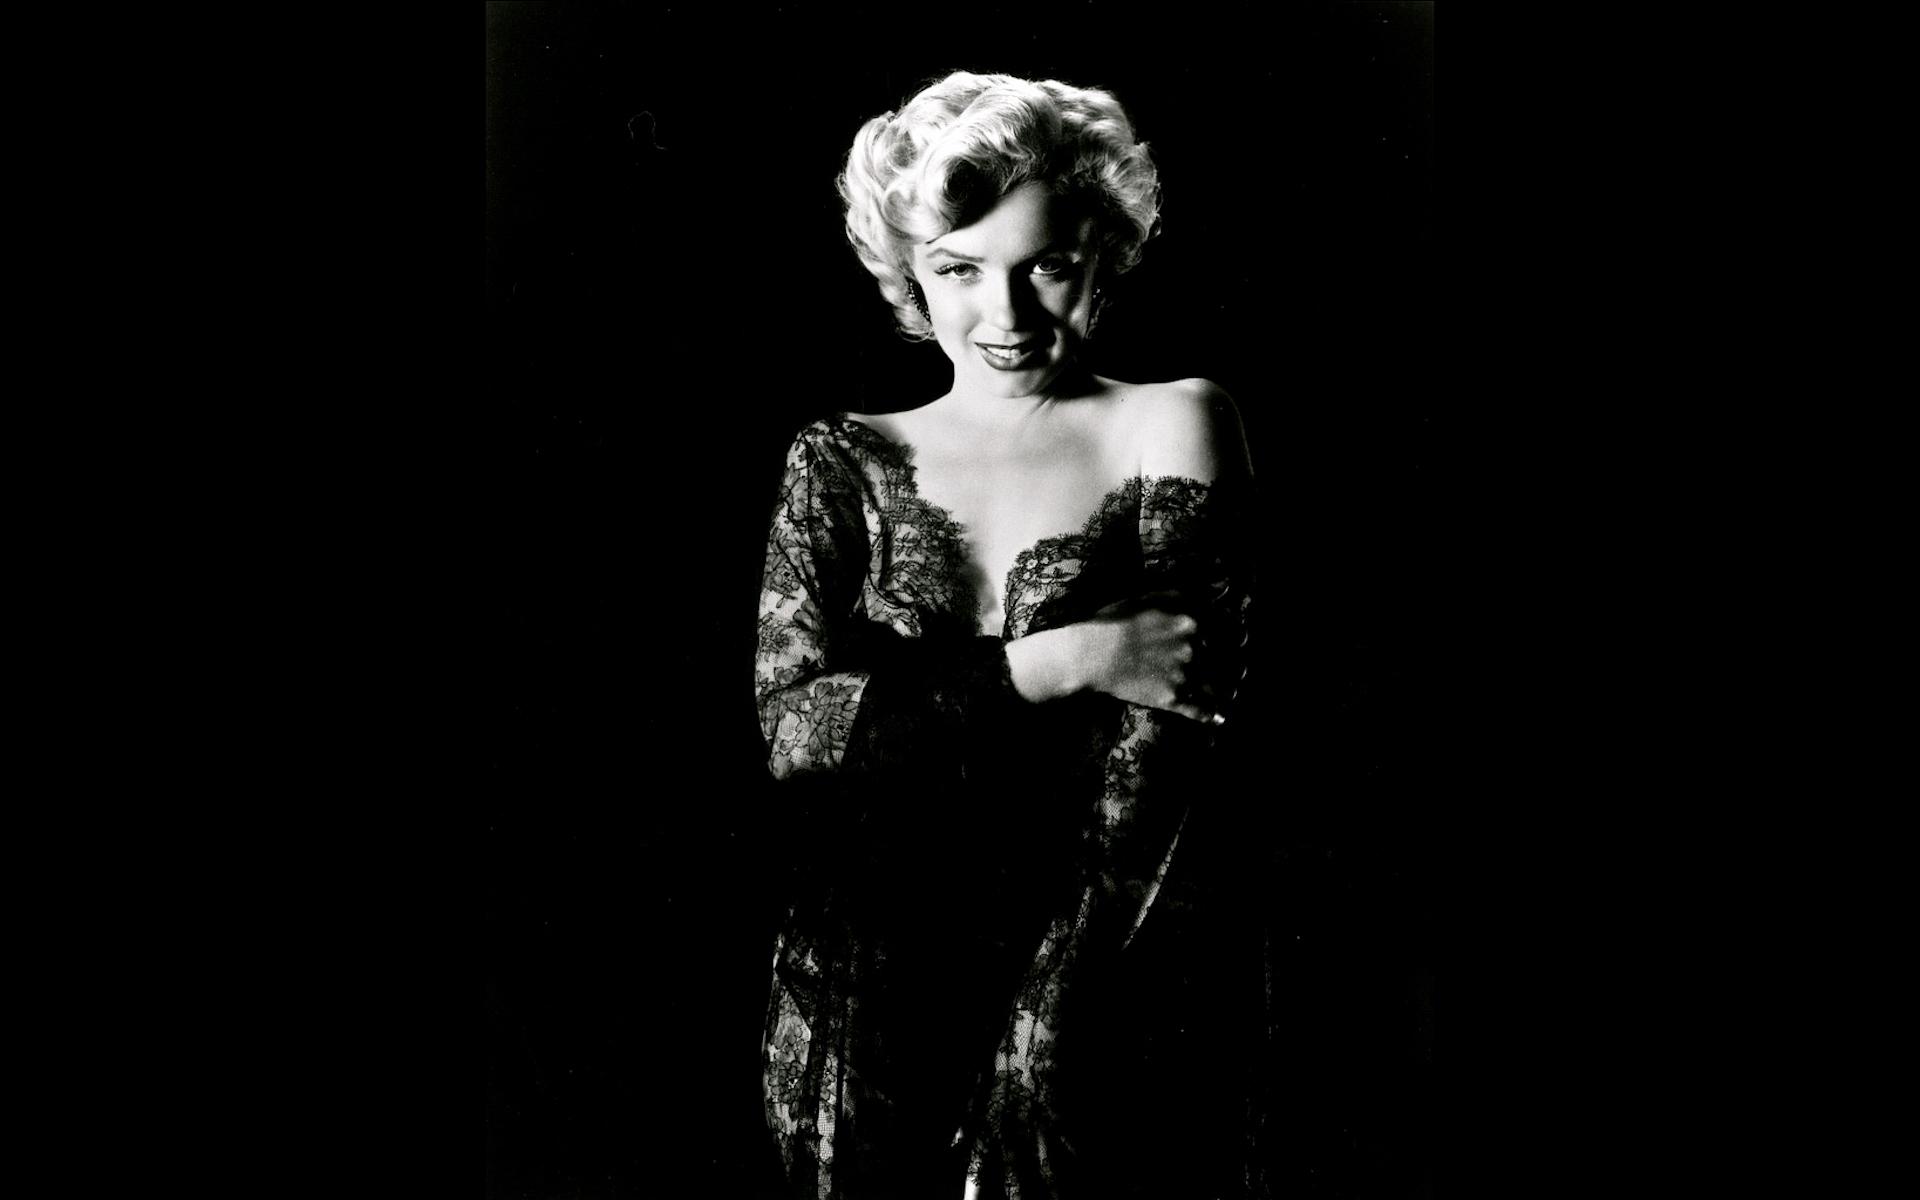 Marilyn Monroe Widescreen